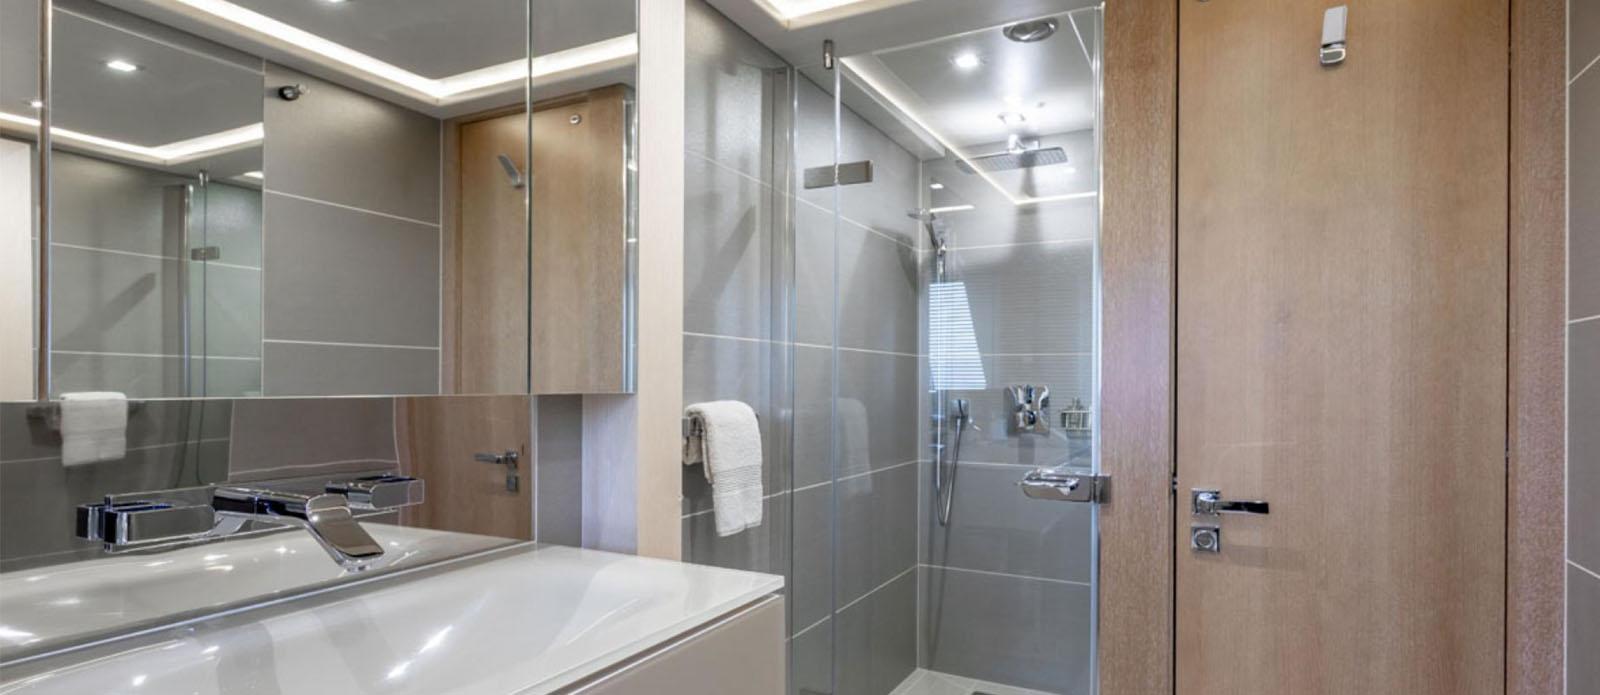 Arados - Double Cabin En-Suite